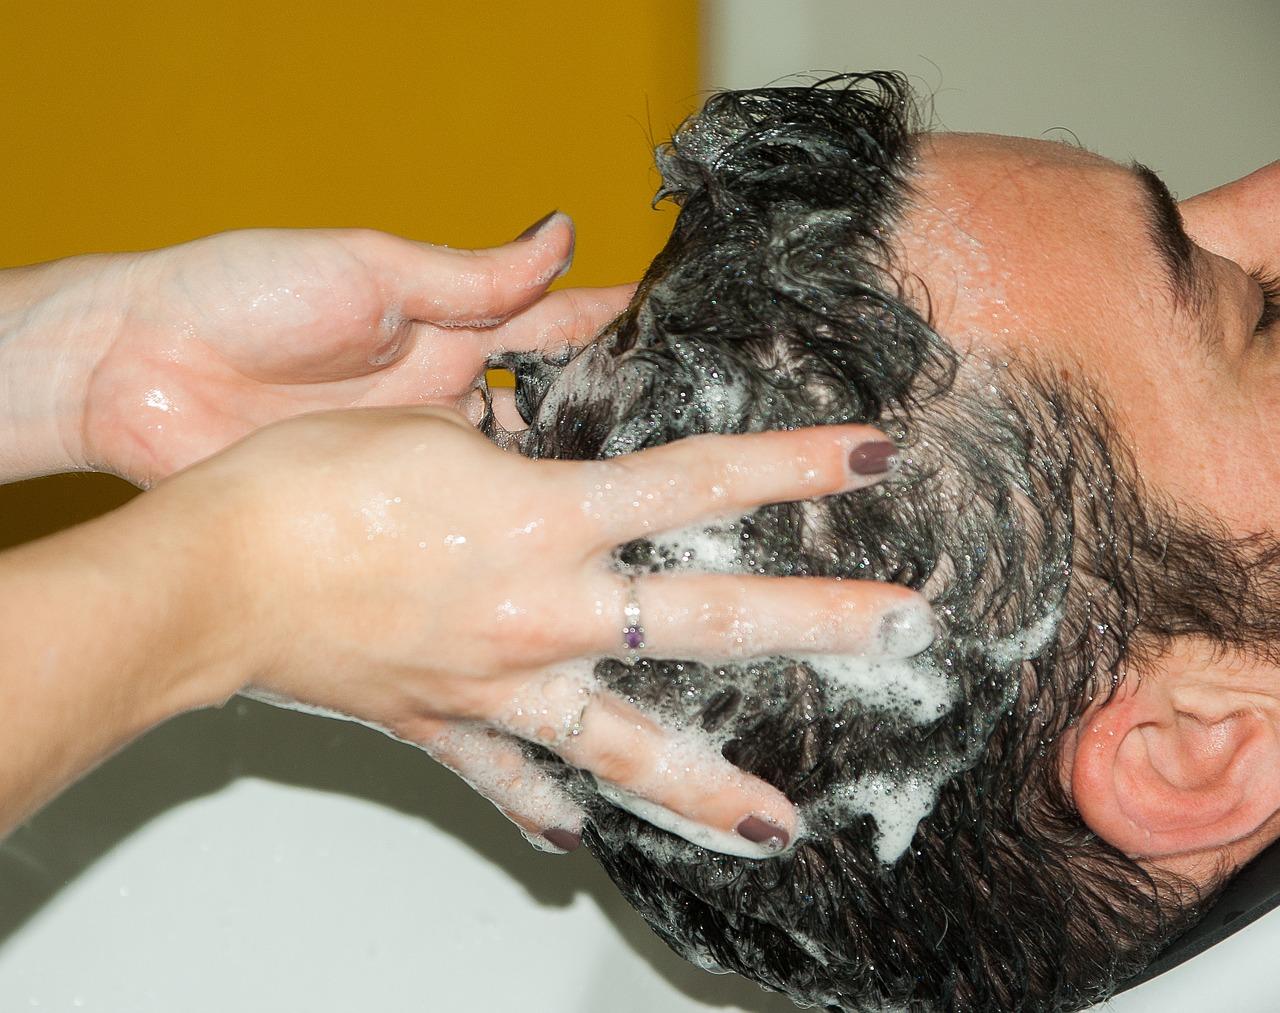 palmoplantar pikkelysömör kezelése kenőcs pikkelysömör kezelésére dermovate